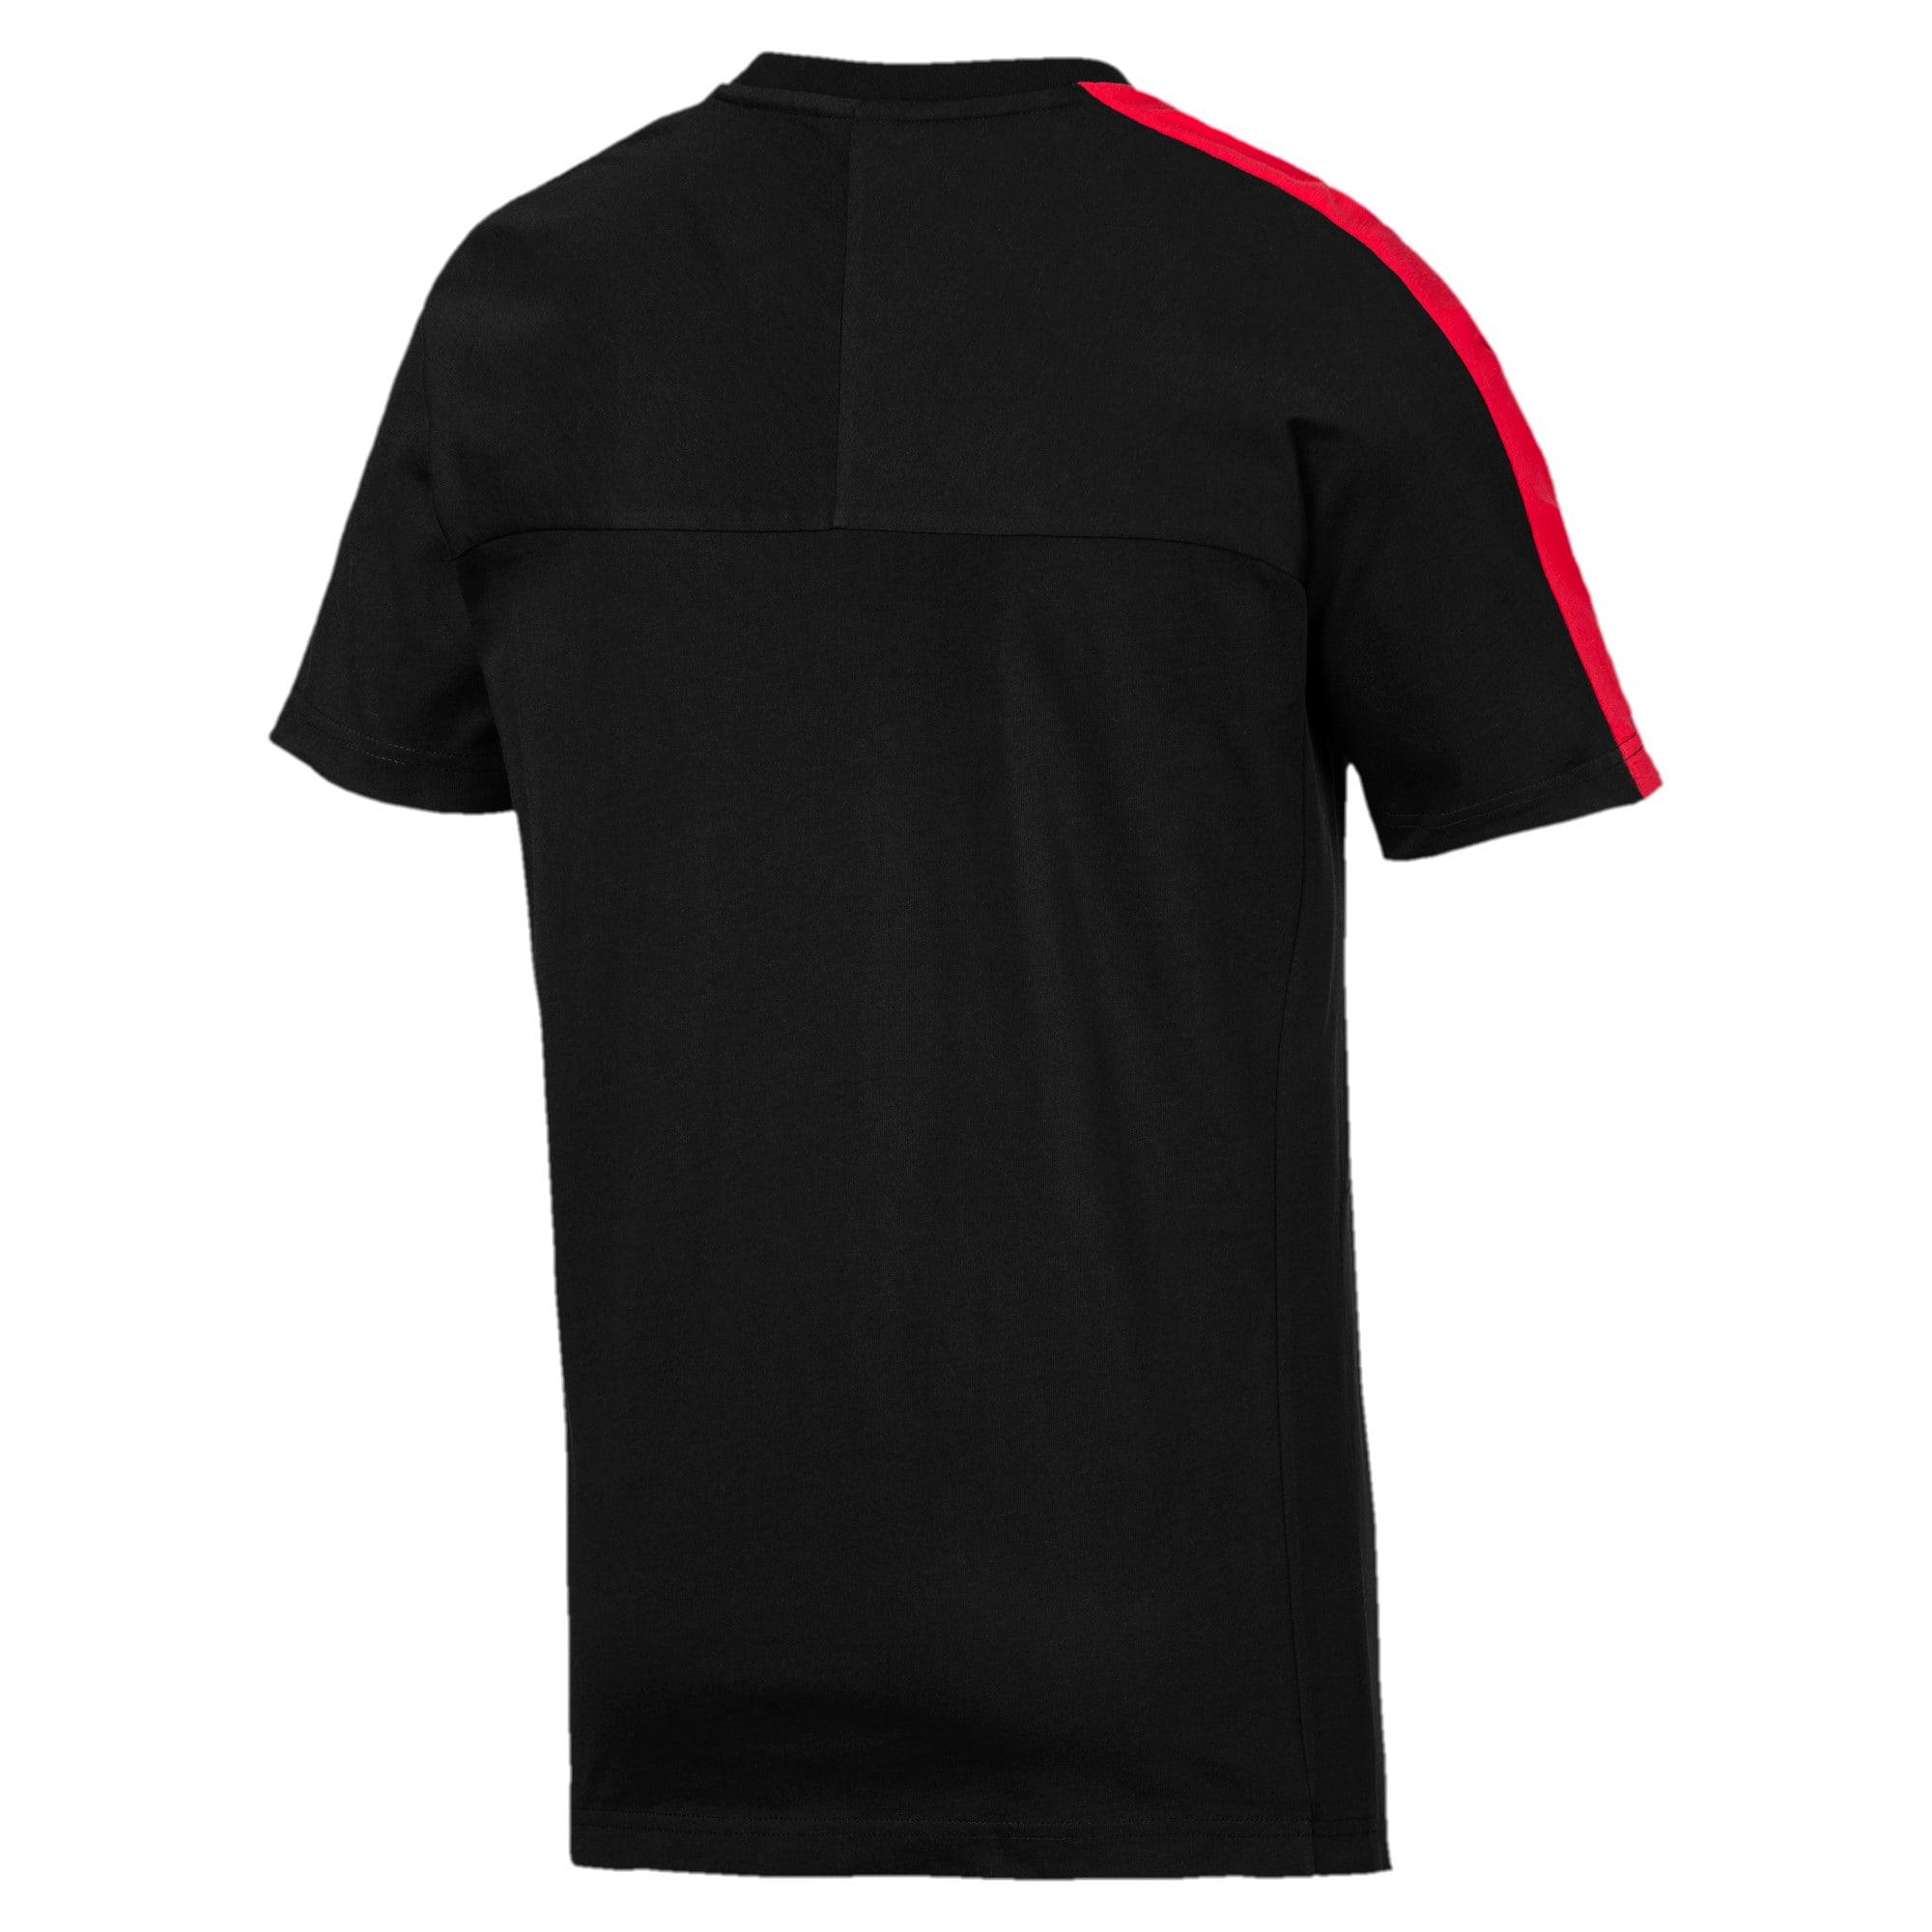 Thumbnail 5 of T-shirt Scuderia Ferrari T7 uomo, Puma Black, medium